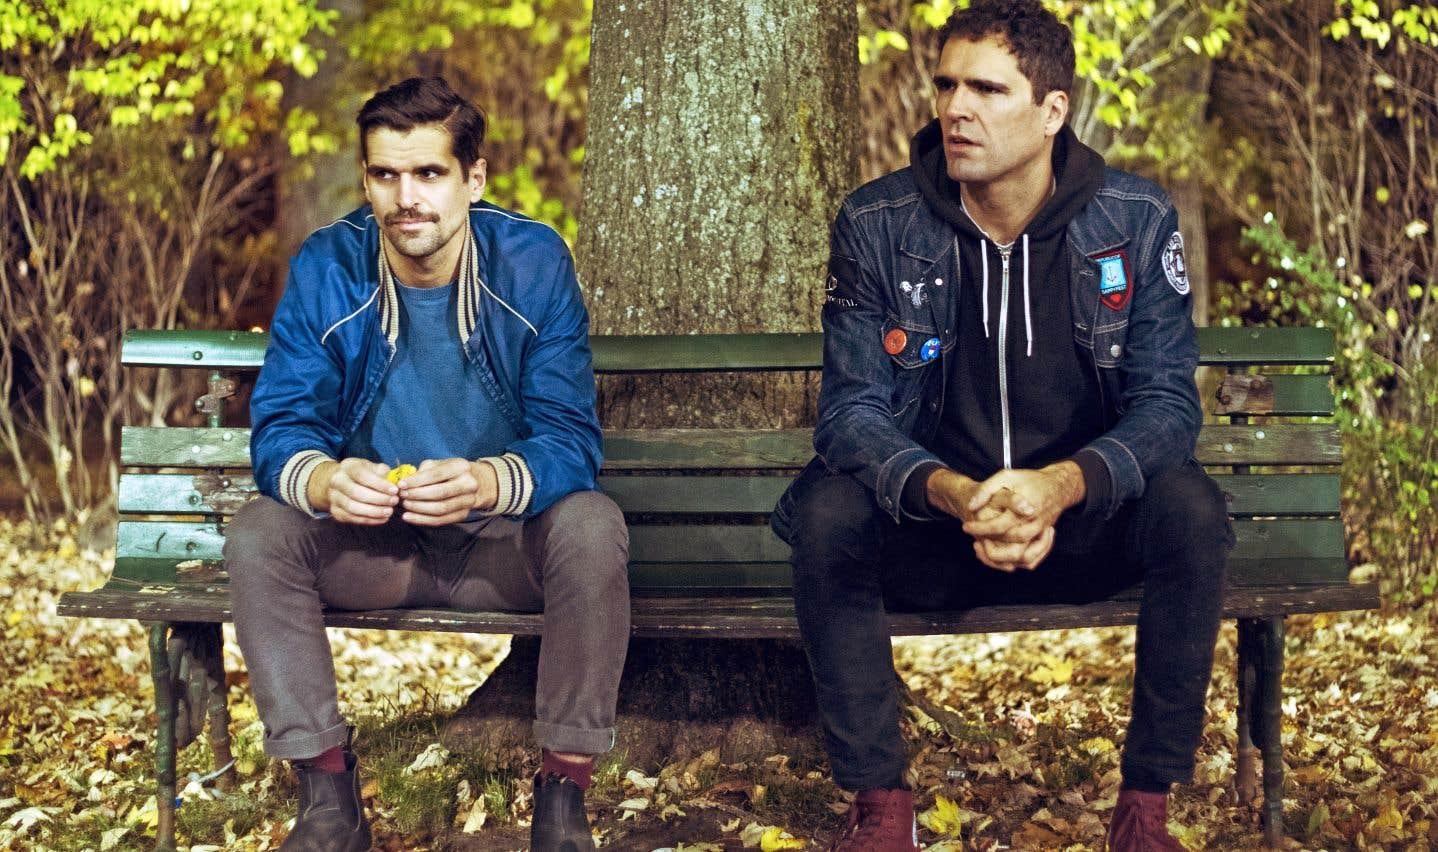 Les frères Guillaume et Maxime Chiasson composent le groupe Ponctuation.